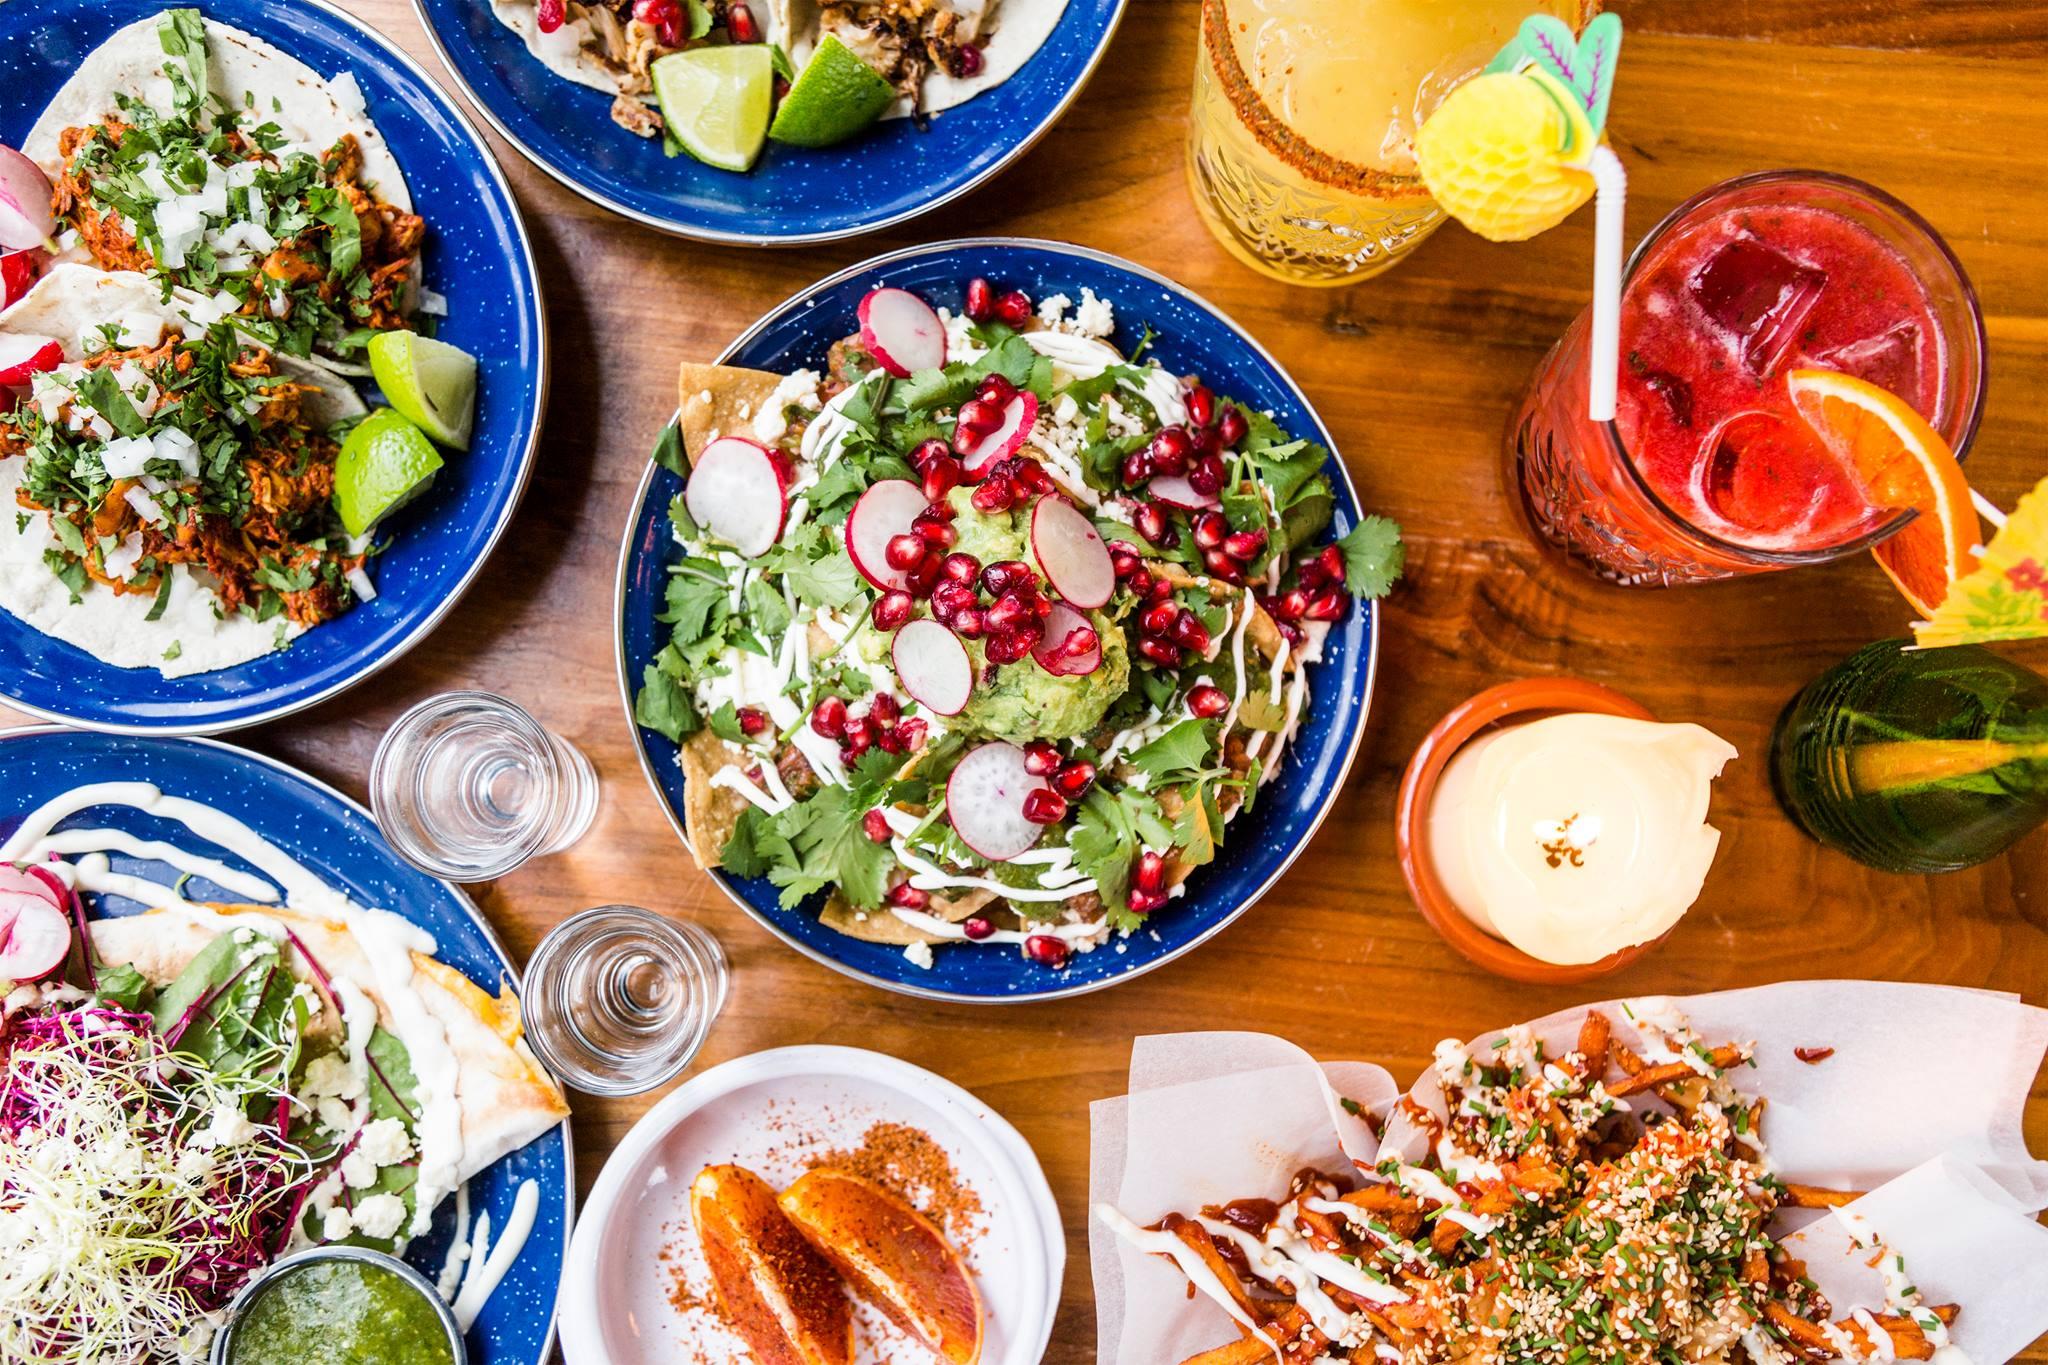 Afbeelding van het eten van Flora in Amsterdam 2